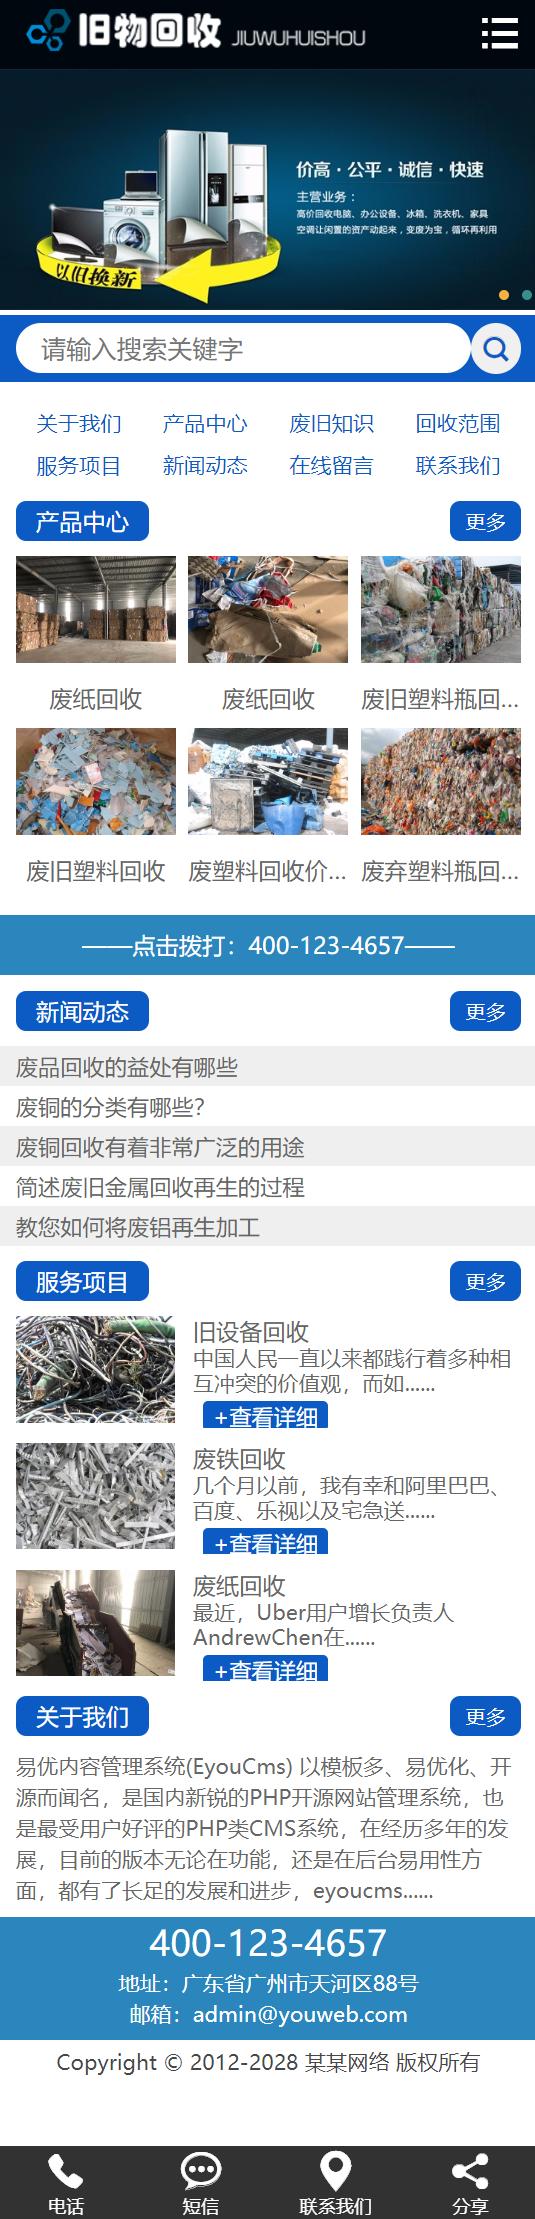 旧物回收废品回收垃圾回收类官网企业模板企业网站源码下载带强大的后台管理系统